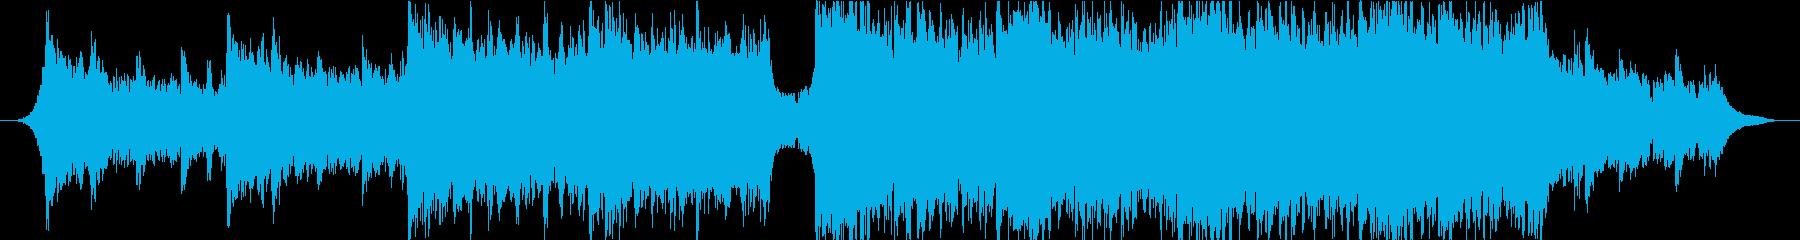 トレーラー向け重厚なオーケストラエピックの再生済みの波形